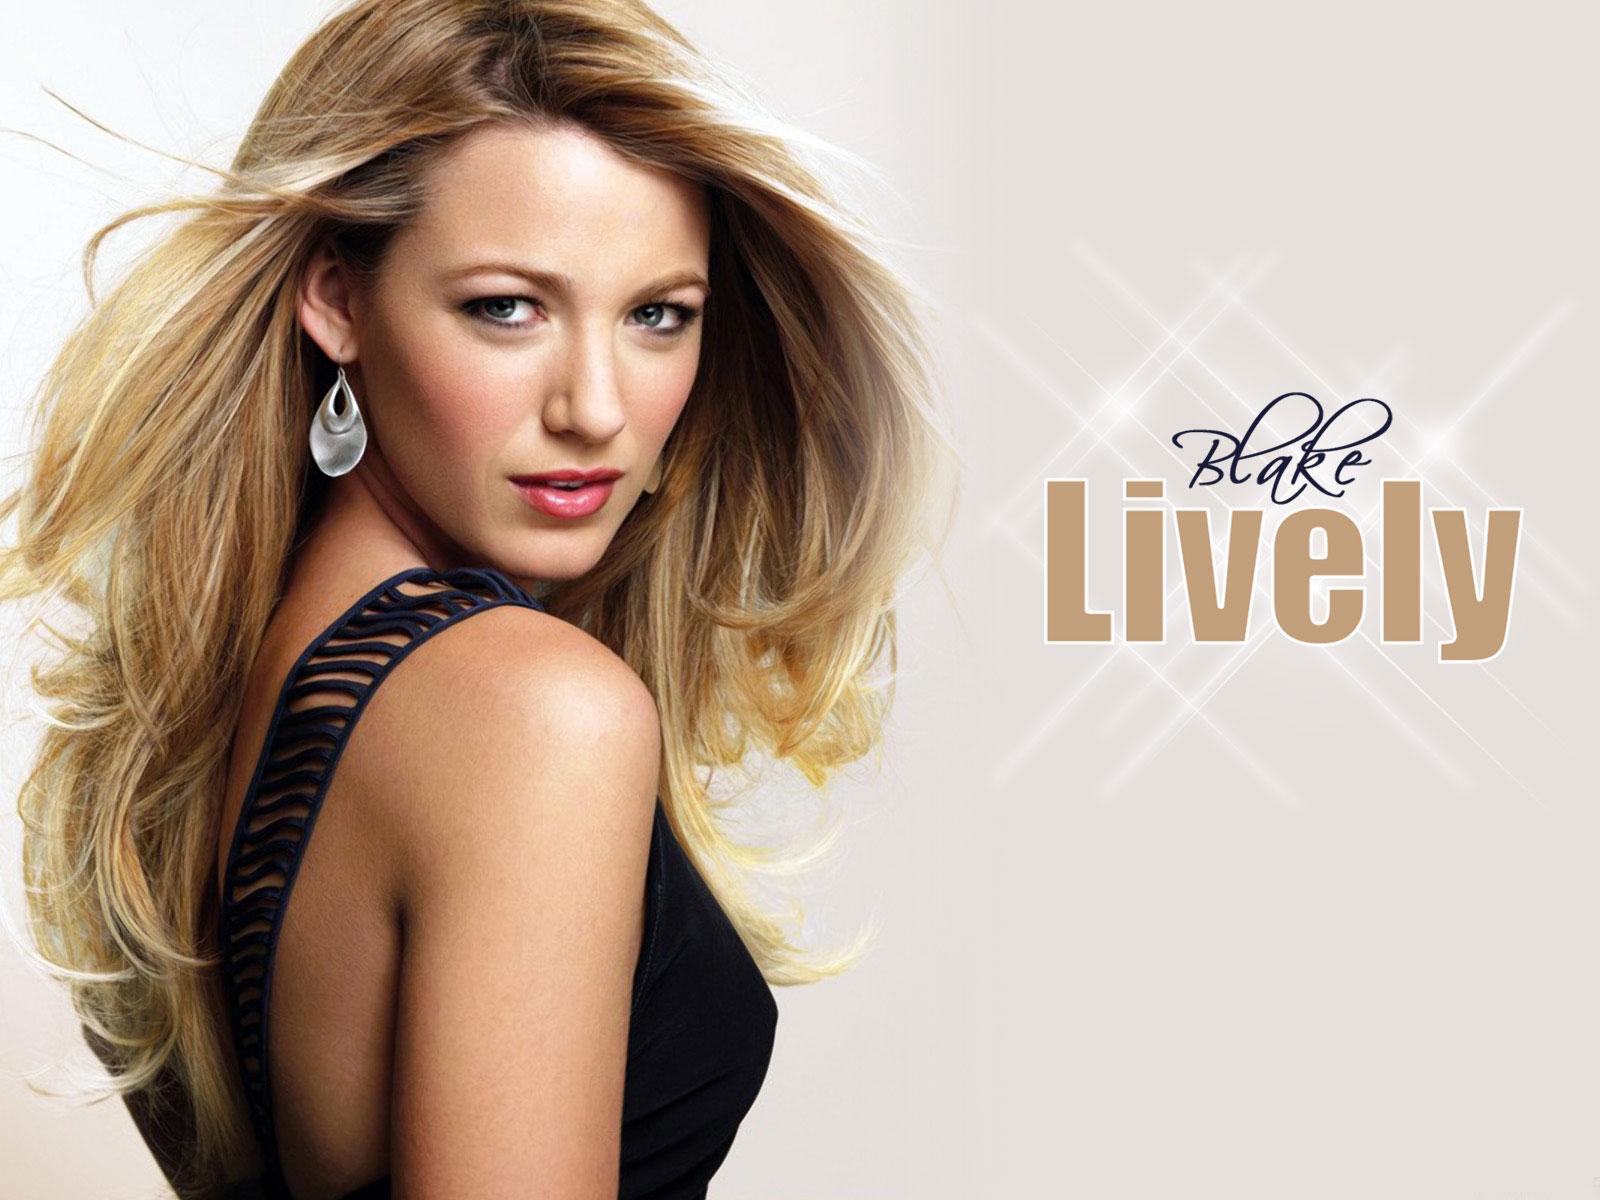 blake lively high reso... Blake Lively